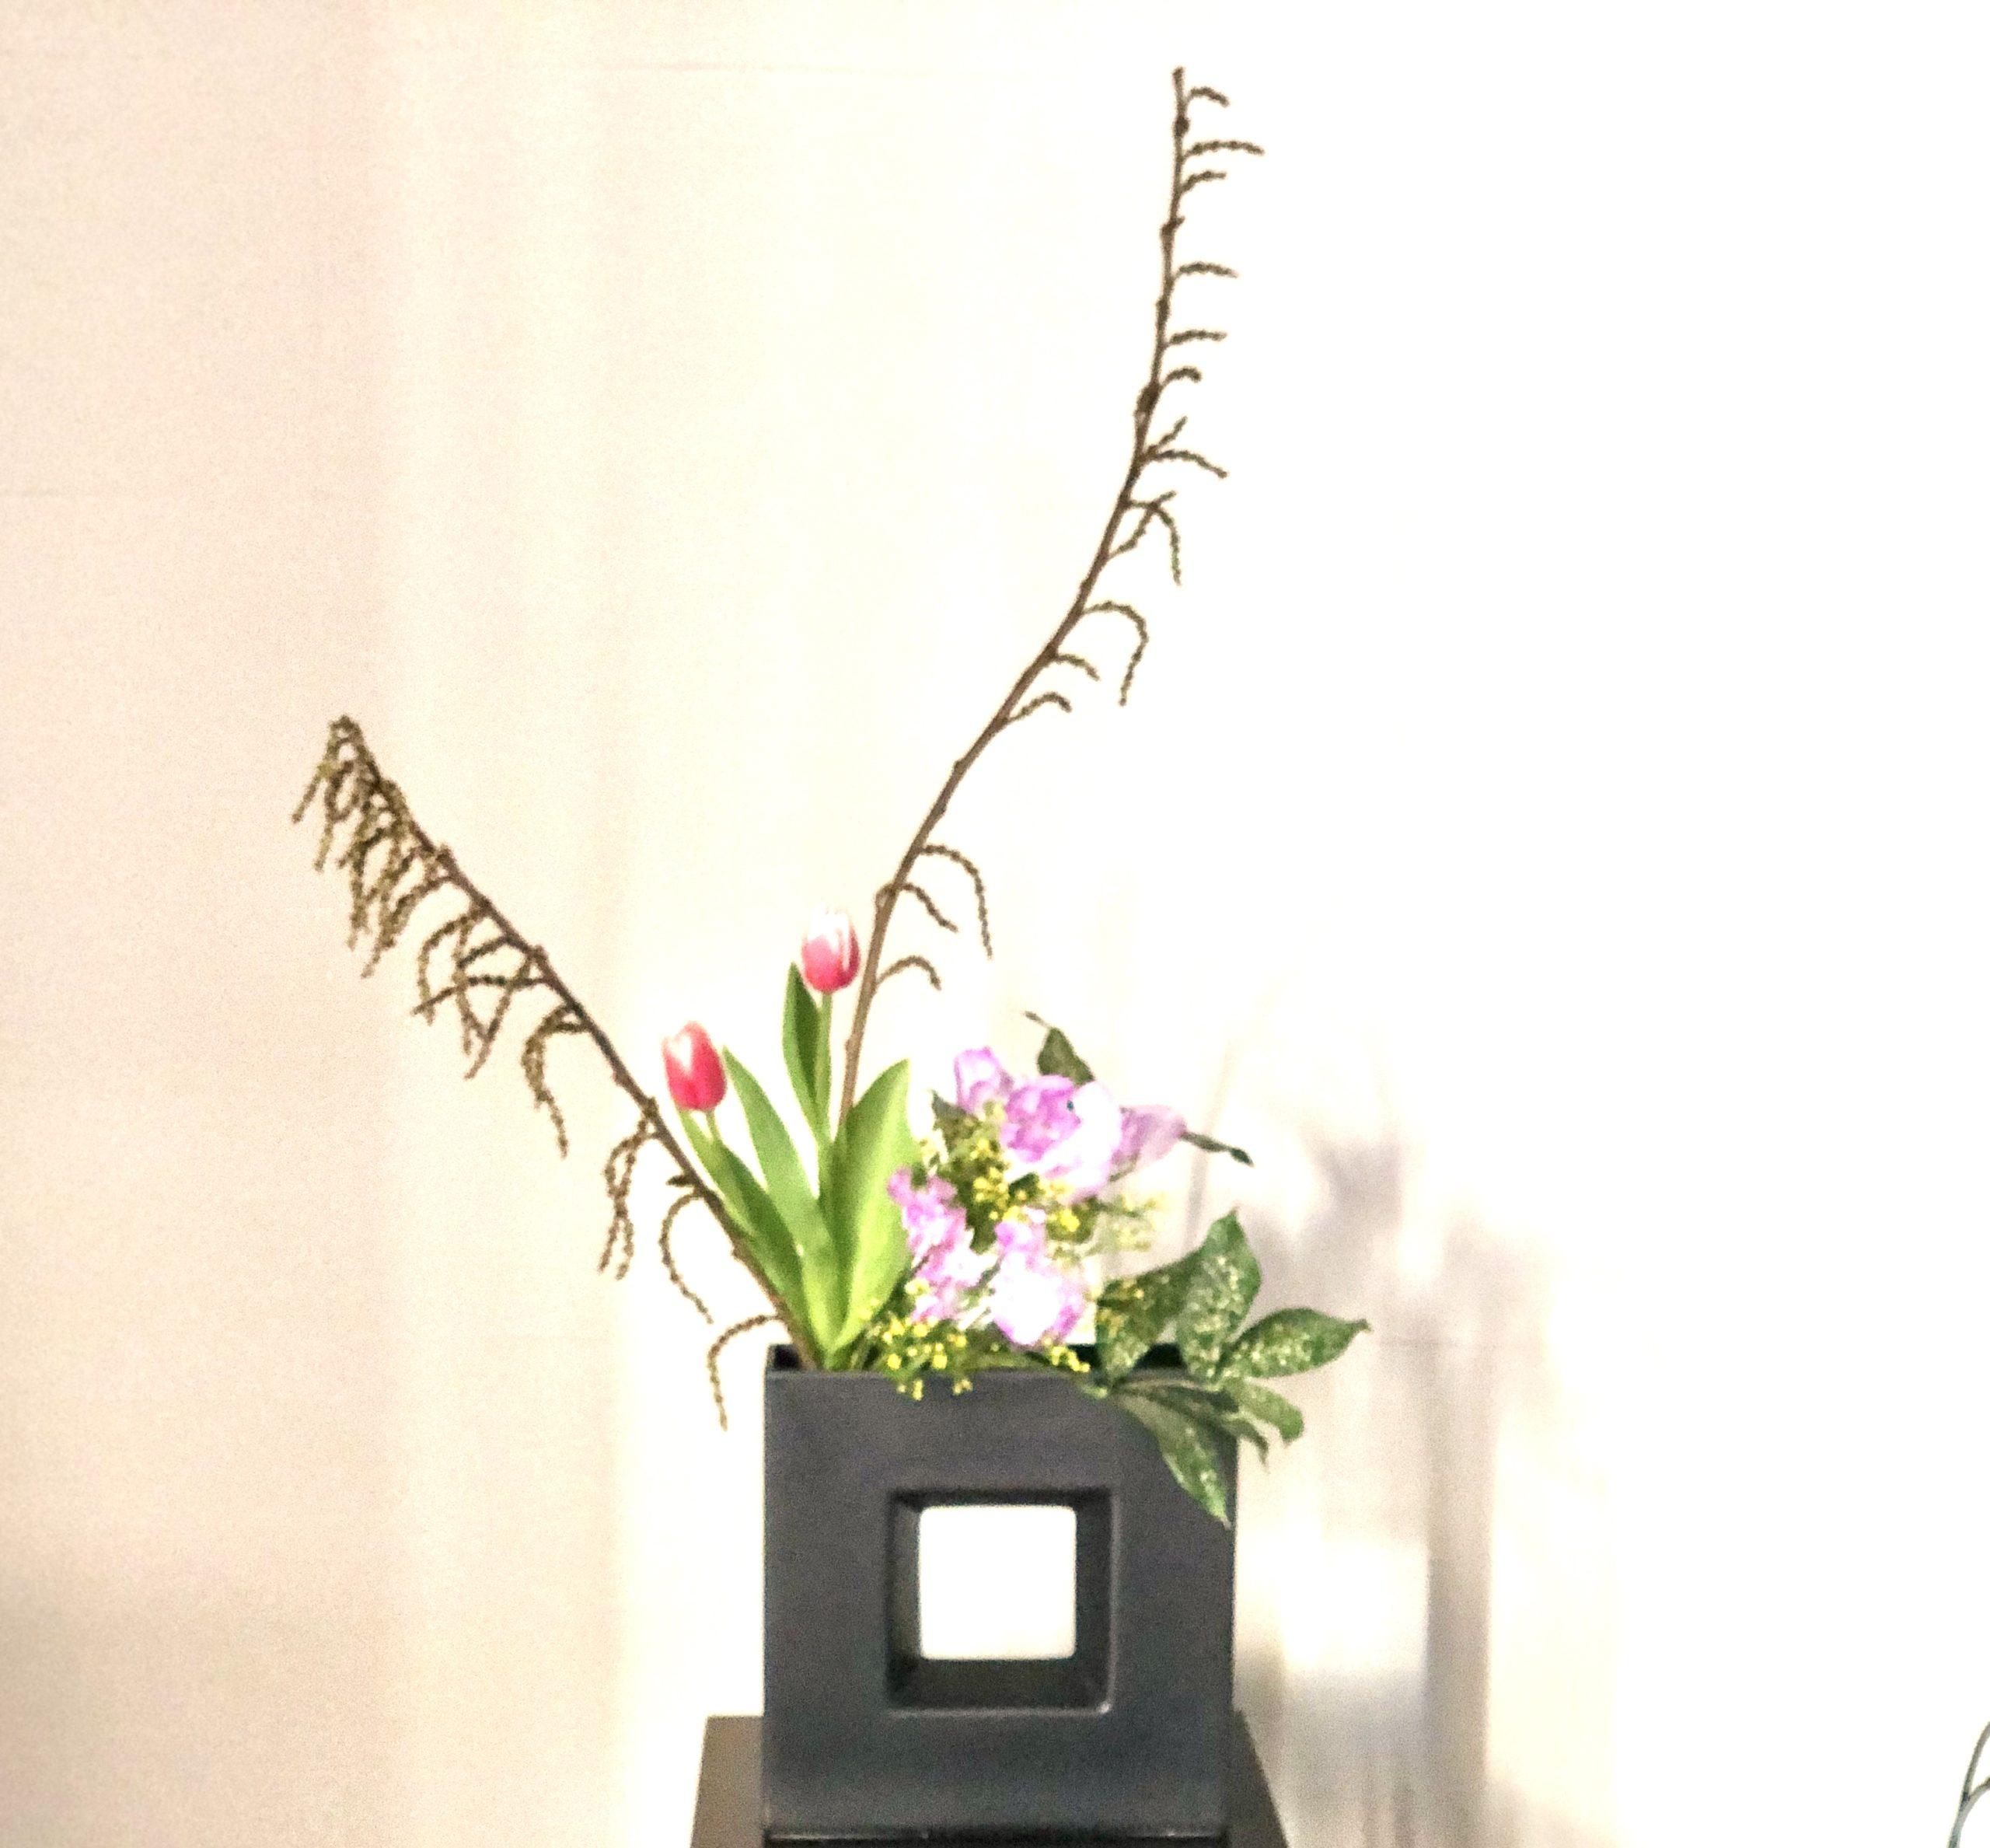 チューリップやスイトピーの春の生け花